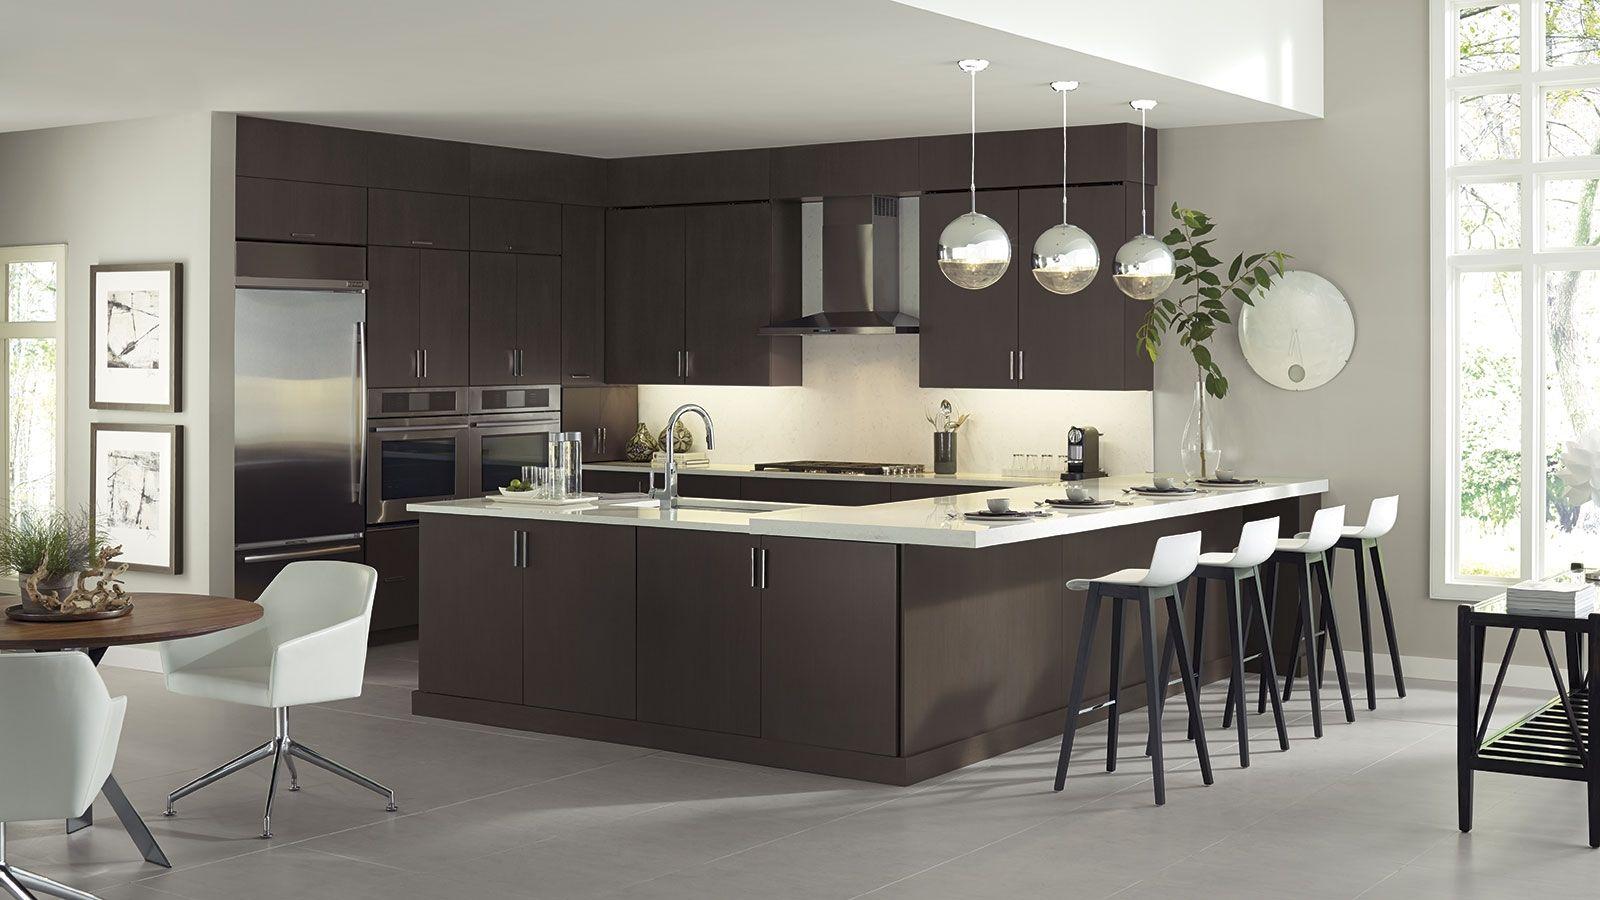 Wenge Kitchen Cabinet Doors Keuken Interieur